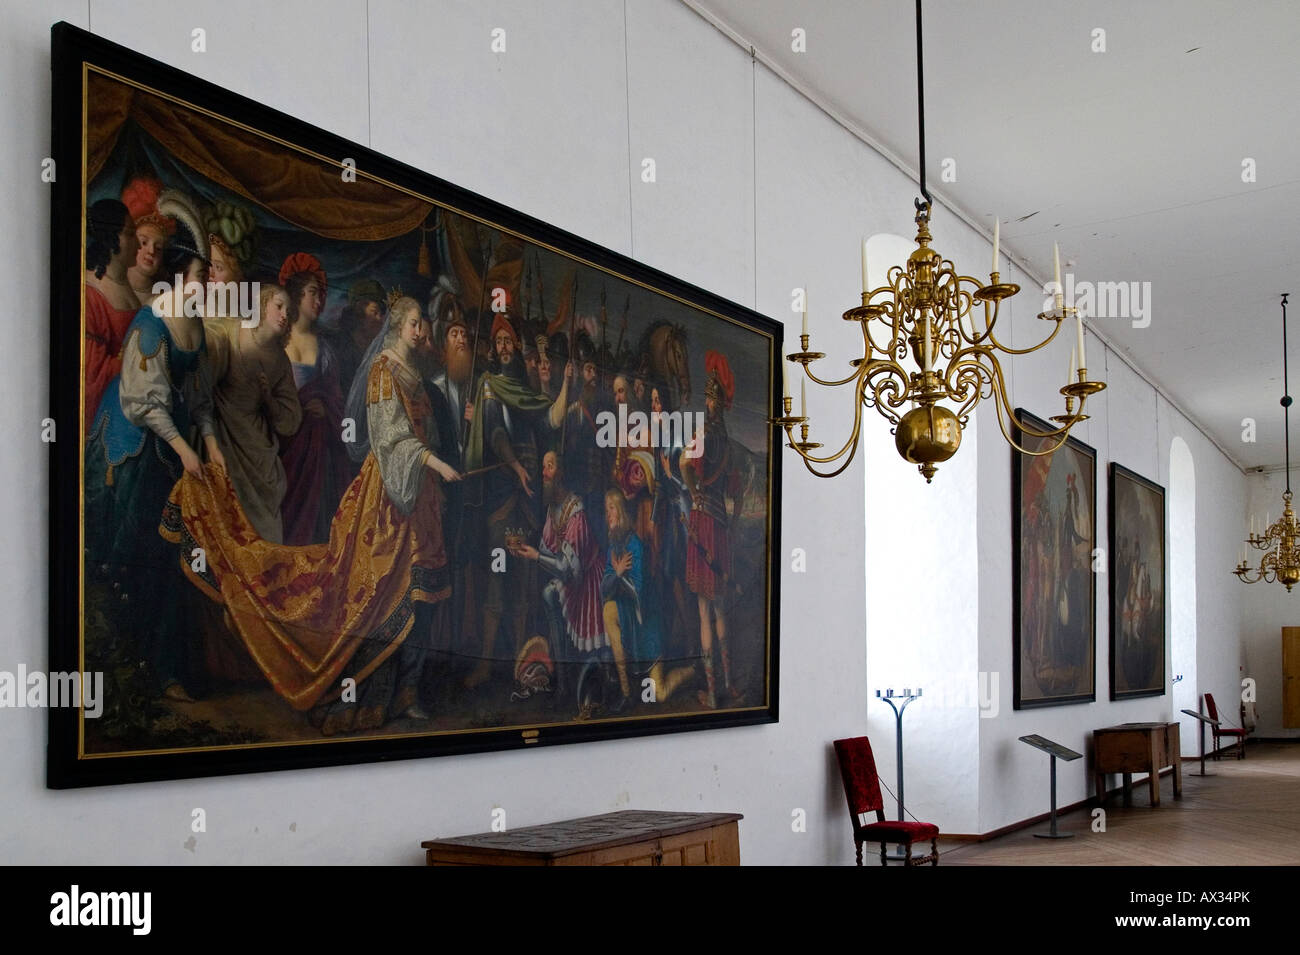 Kronborg - the Quens Gallery. Elsingore or Helsingør. Denmark - Stock Image